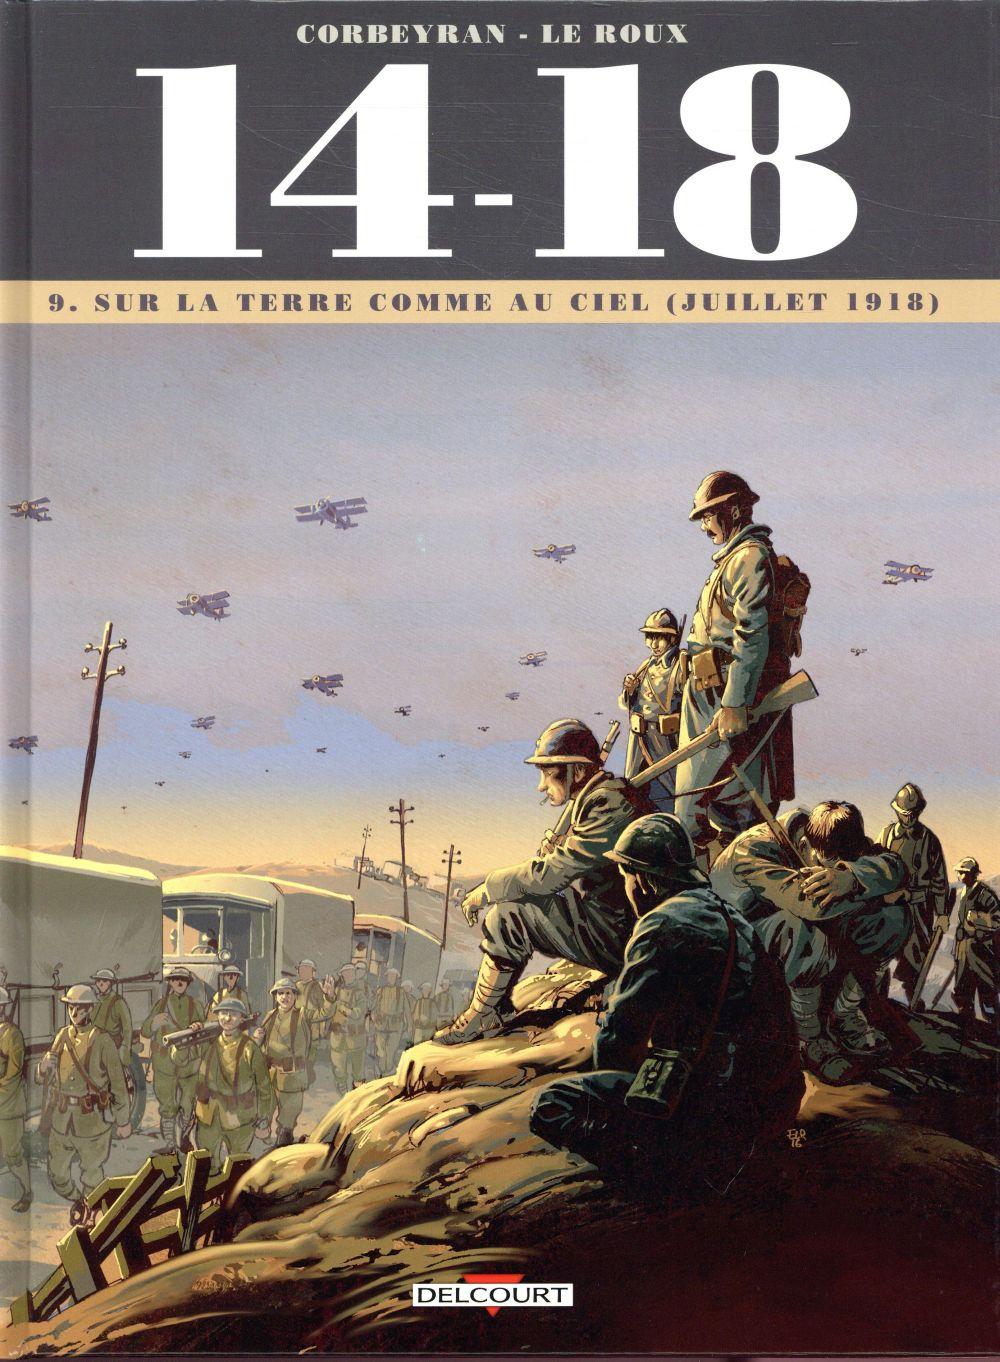 14-18 T.9  -  SUR LA TERRE COMME AU CIEL (JUILLET 1918) CORBEYRAN/LE ROUX DELCOURT